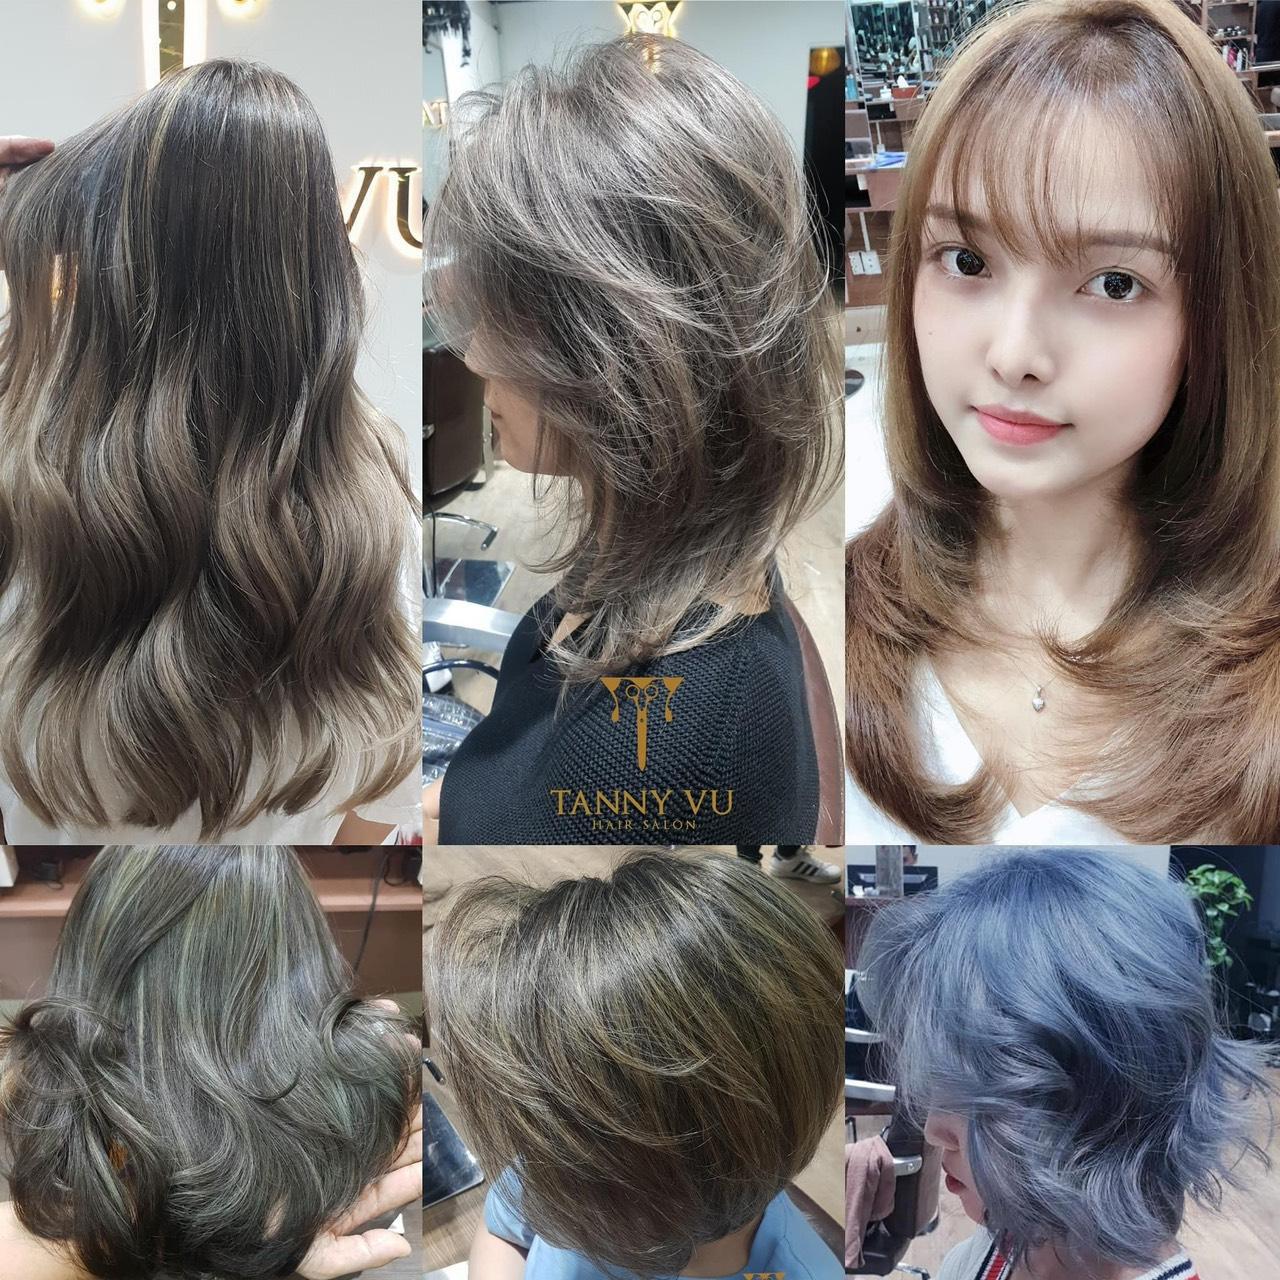 Muốn có một mái tóc đẹp thời trang để đón Tết đừng bỏ qua địa chỉ làm tóc sang xịn này! - Ảnh 2.